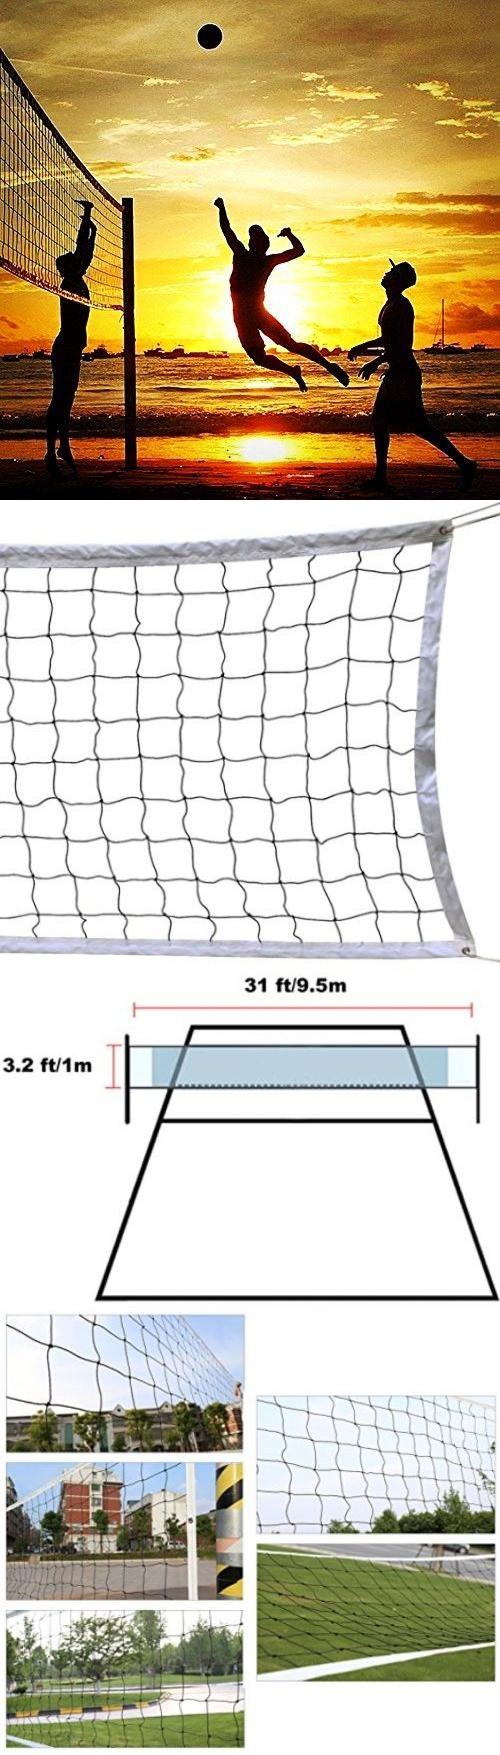 nets 159131 classic volleyball net outdoor sport schoolyard beach